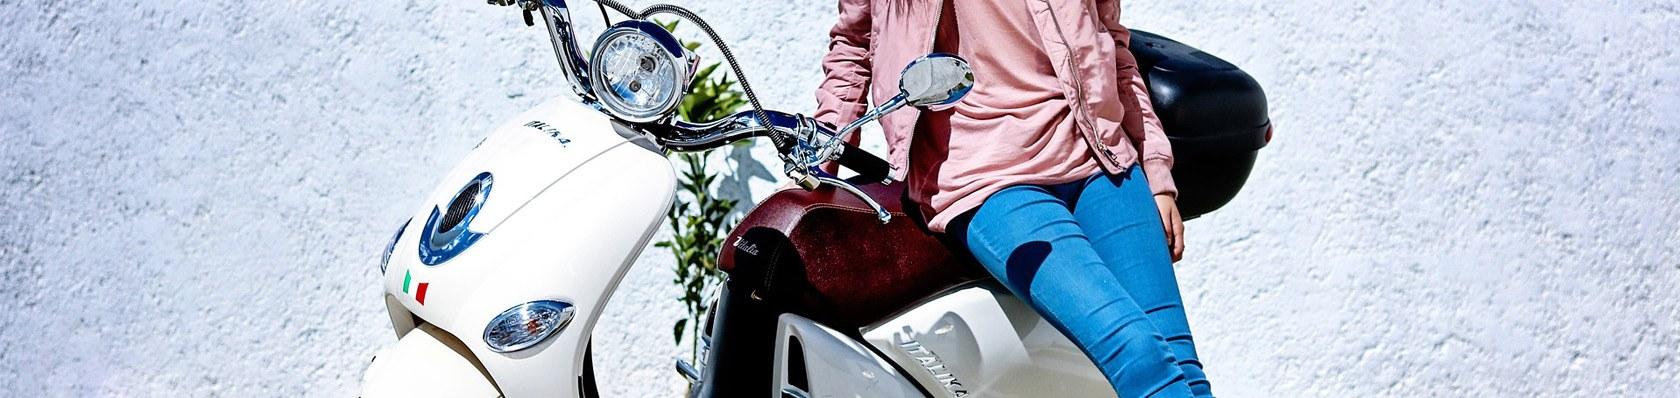 Motorroller im Test auf ExpertenTesten.de